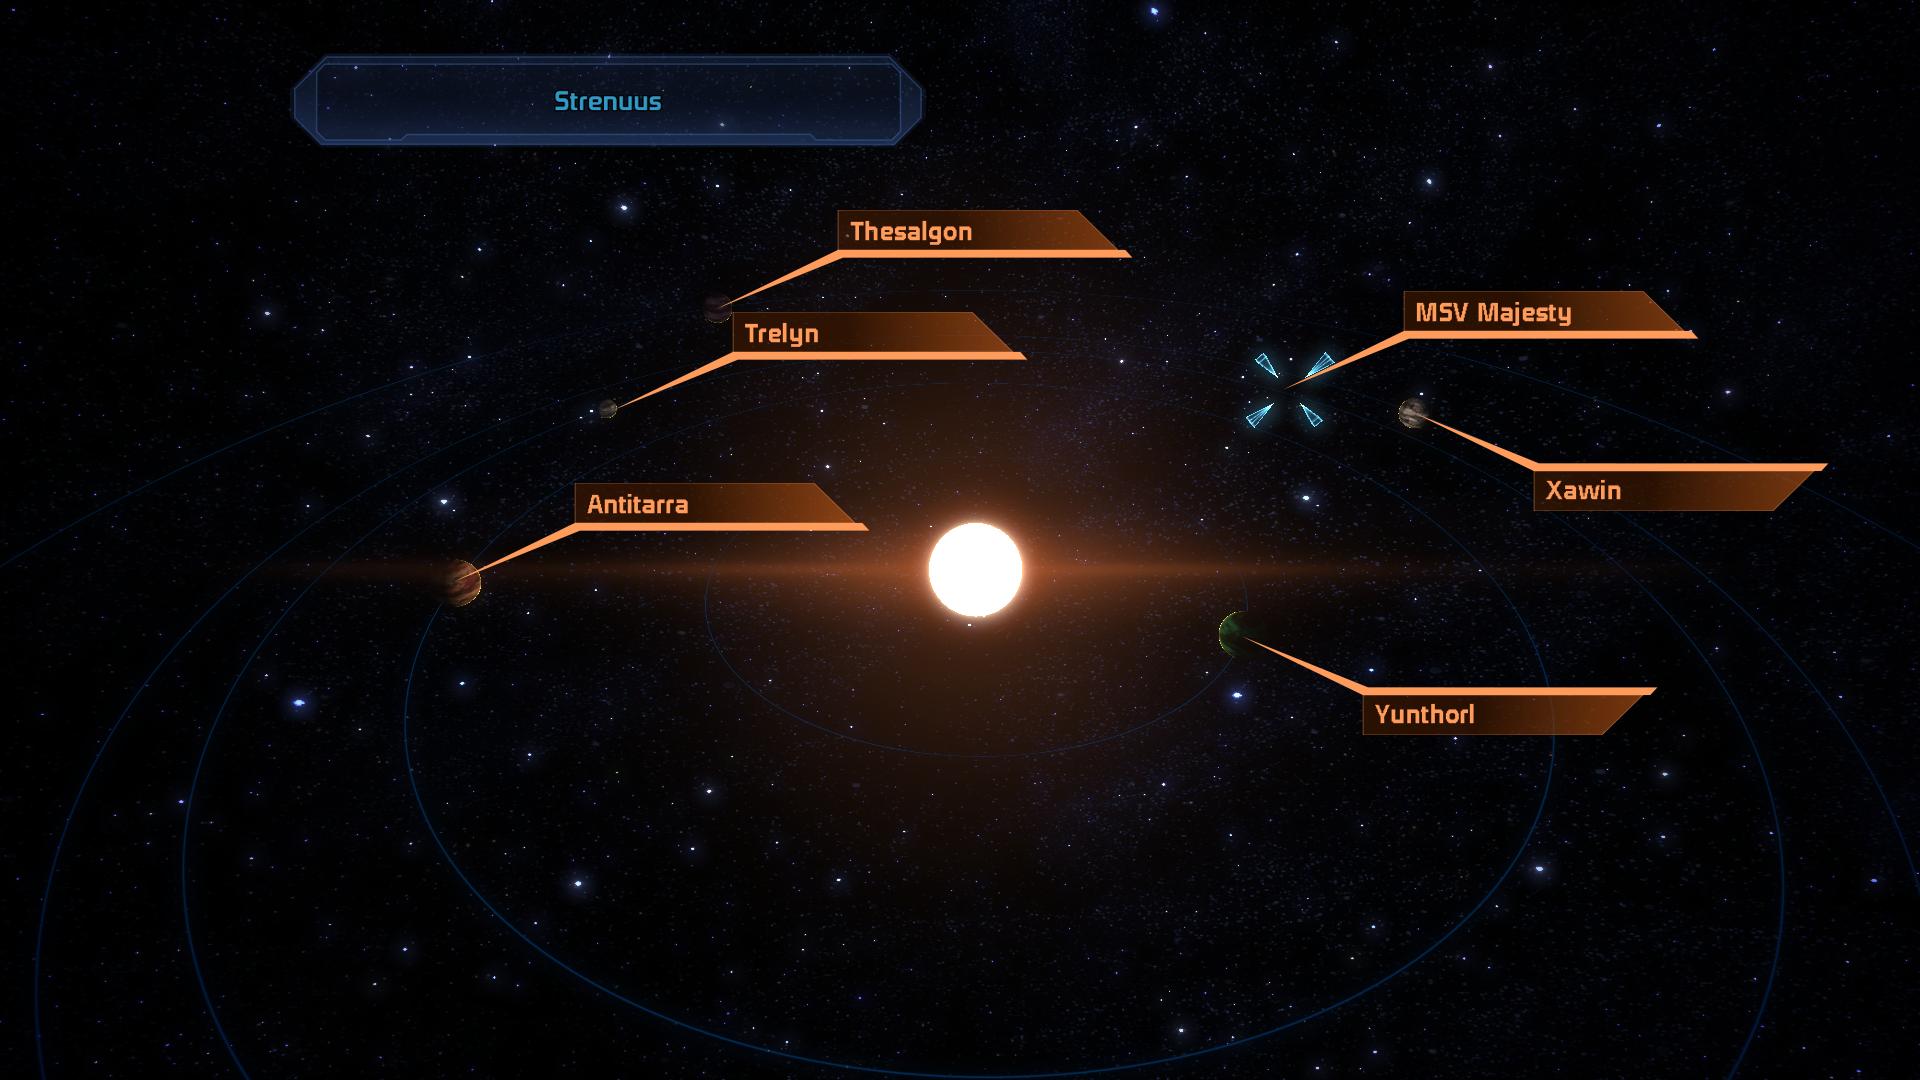 omega nebula mass effect - photo #27